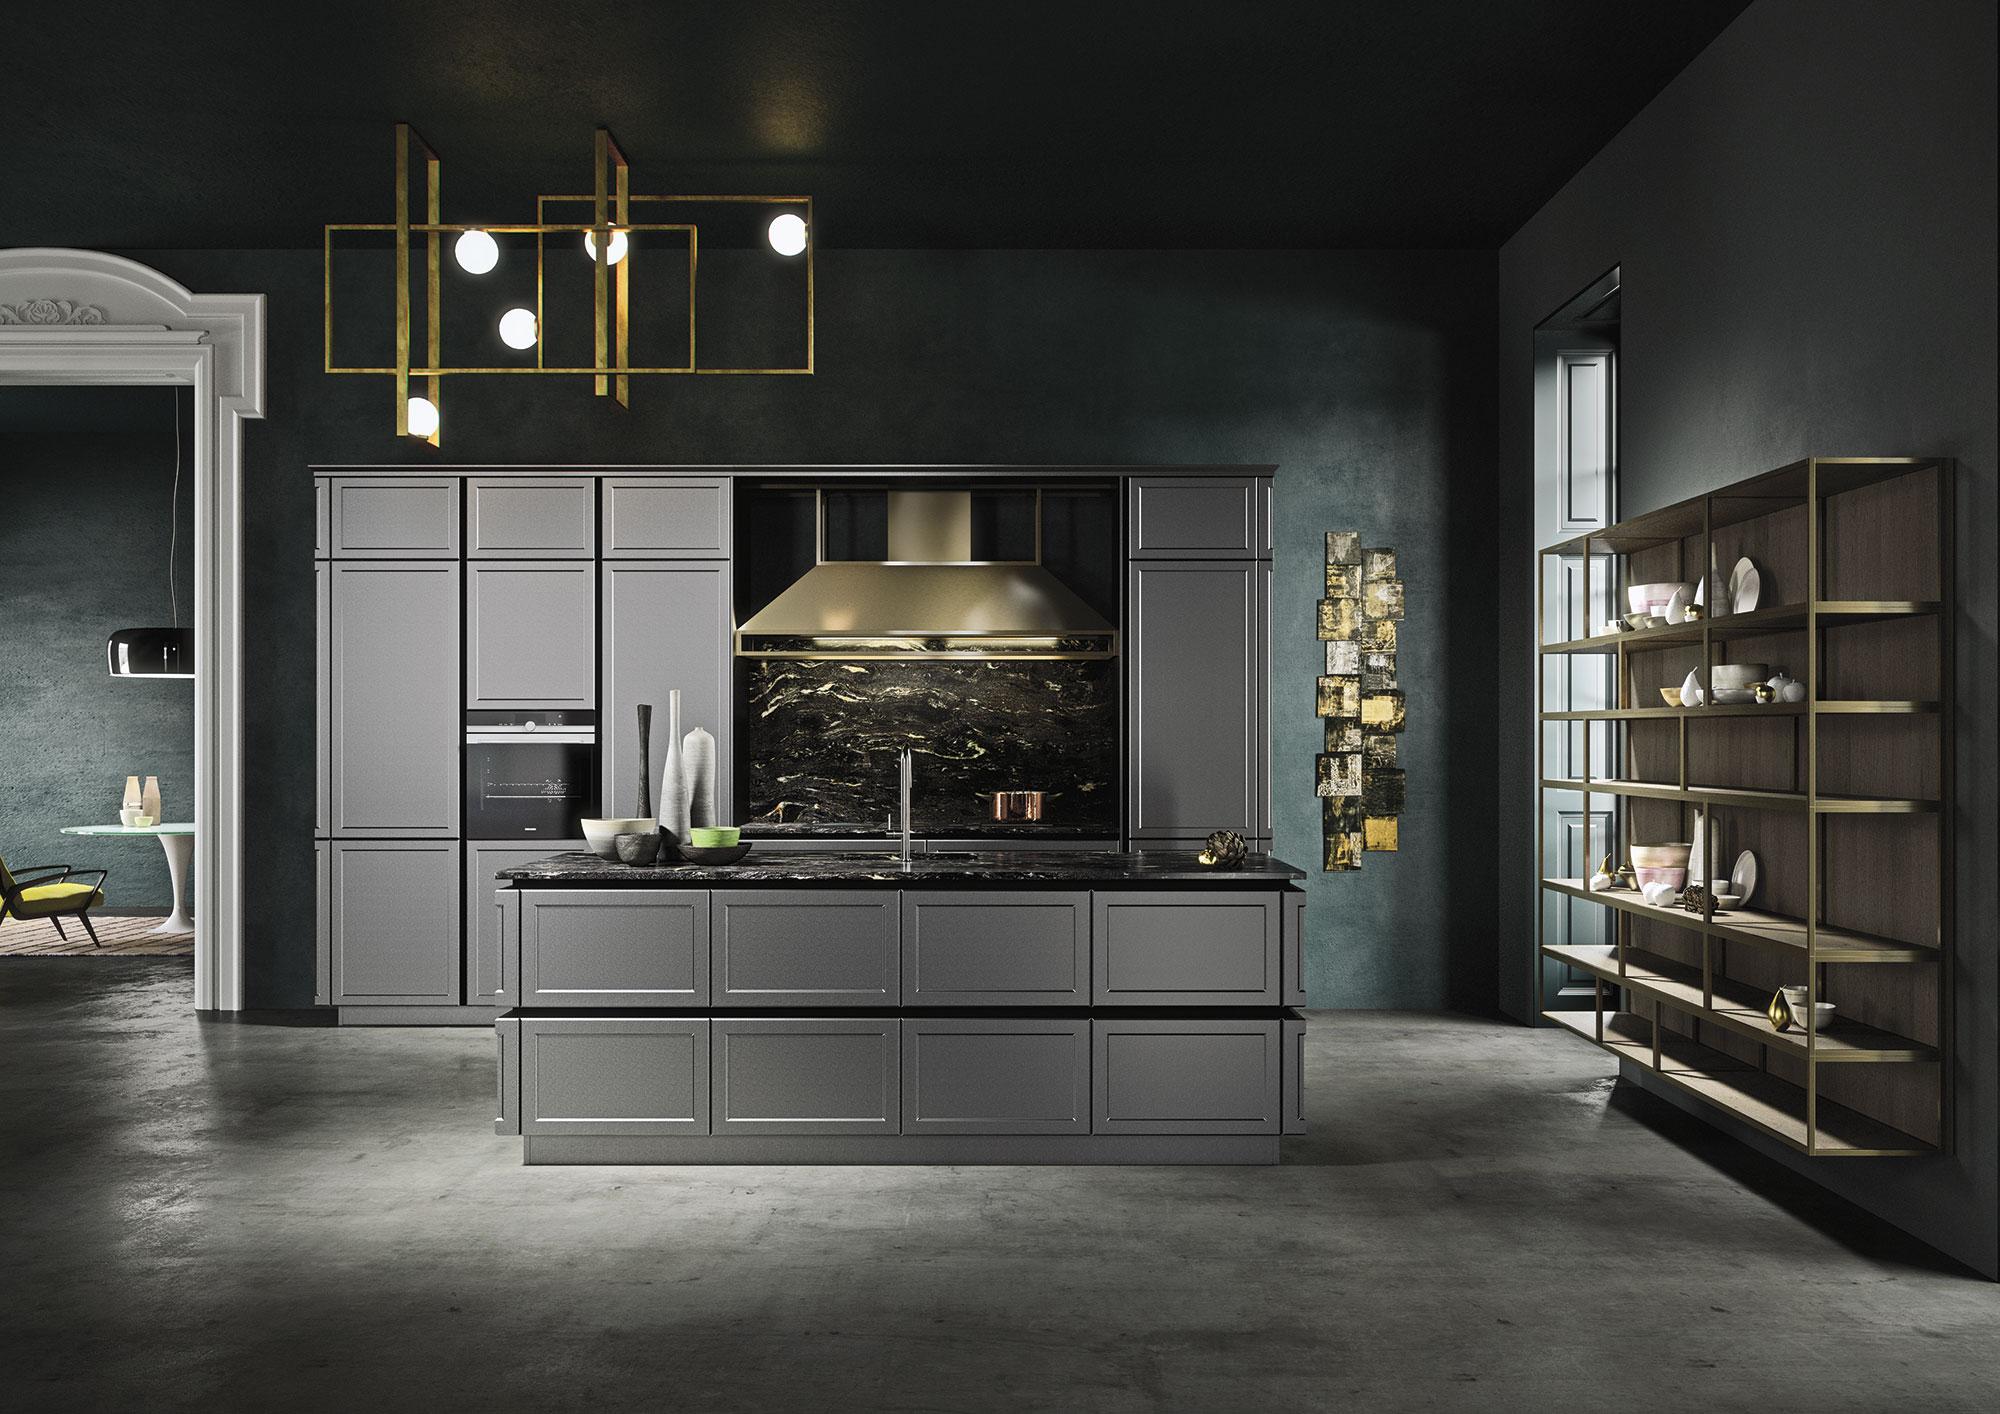 cucine-classiche-con-isola-frame-snaidero-1